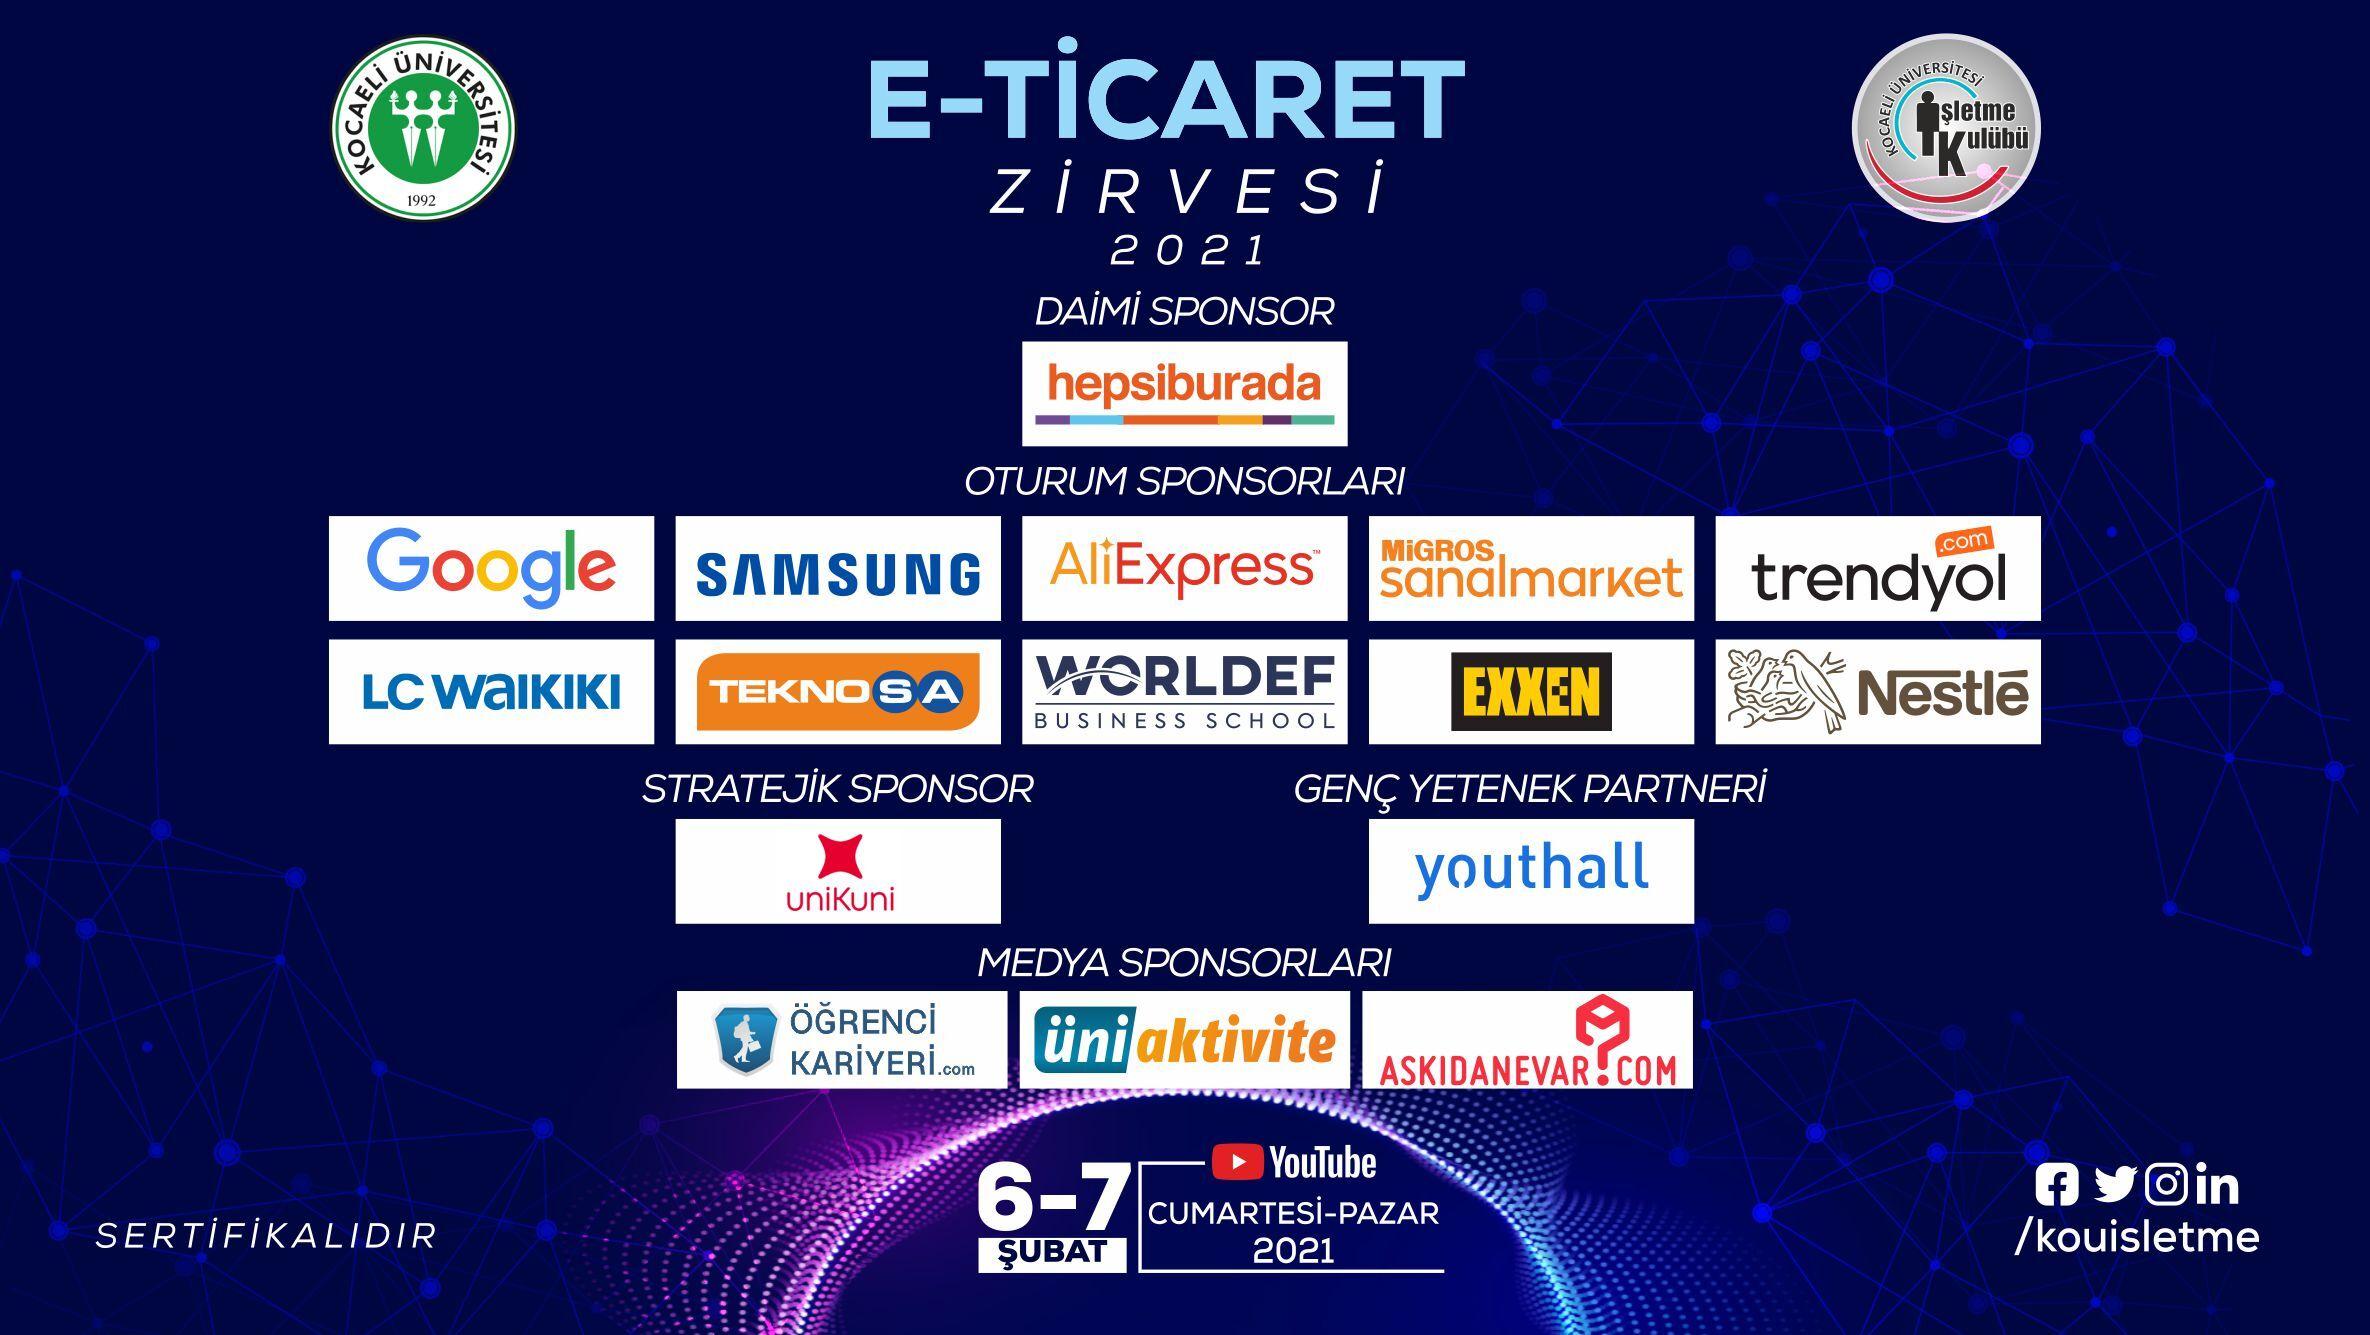 E-Ticaret Zirvesi 2021 Başlıyor!